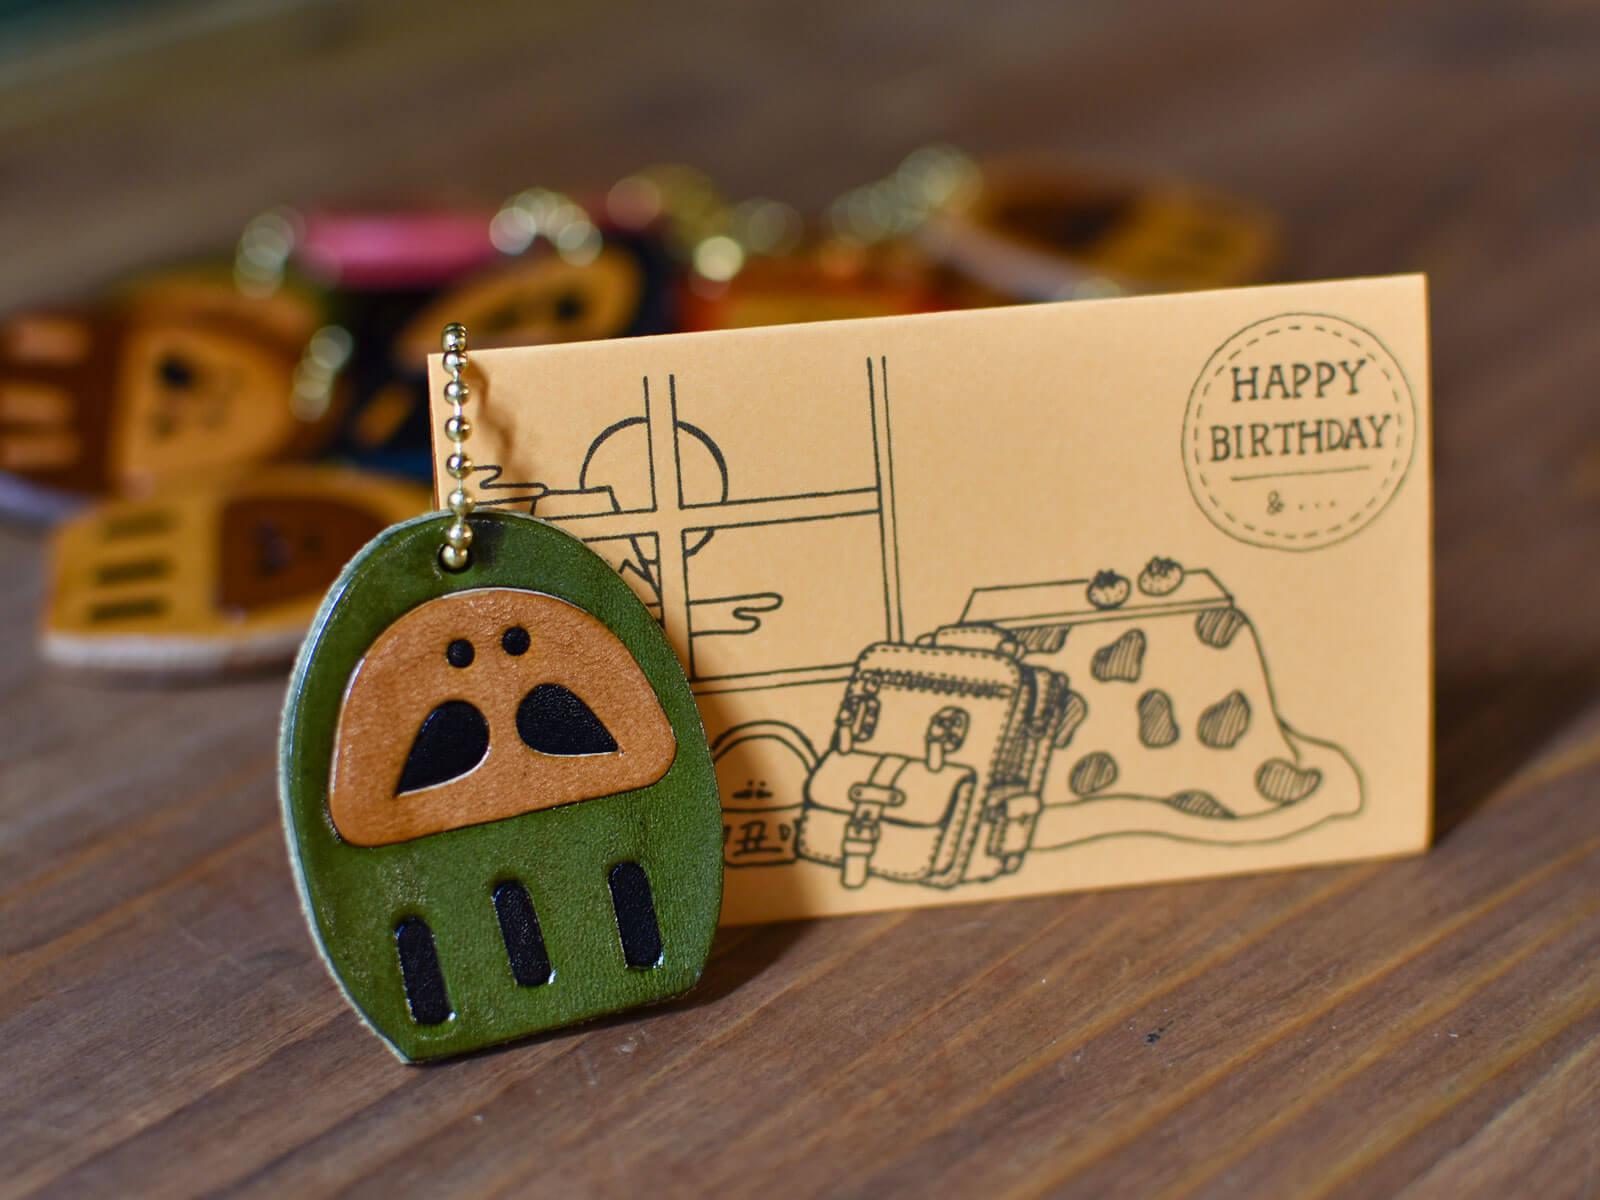 名古屋店5周年記念 お誕生月企画 ~1月・だるまキーホルダー~